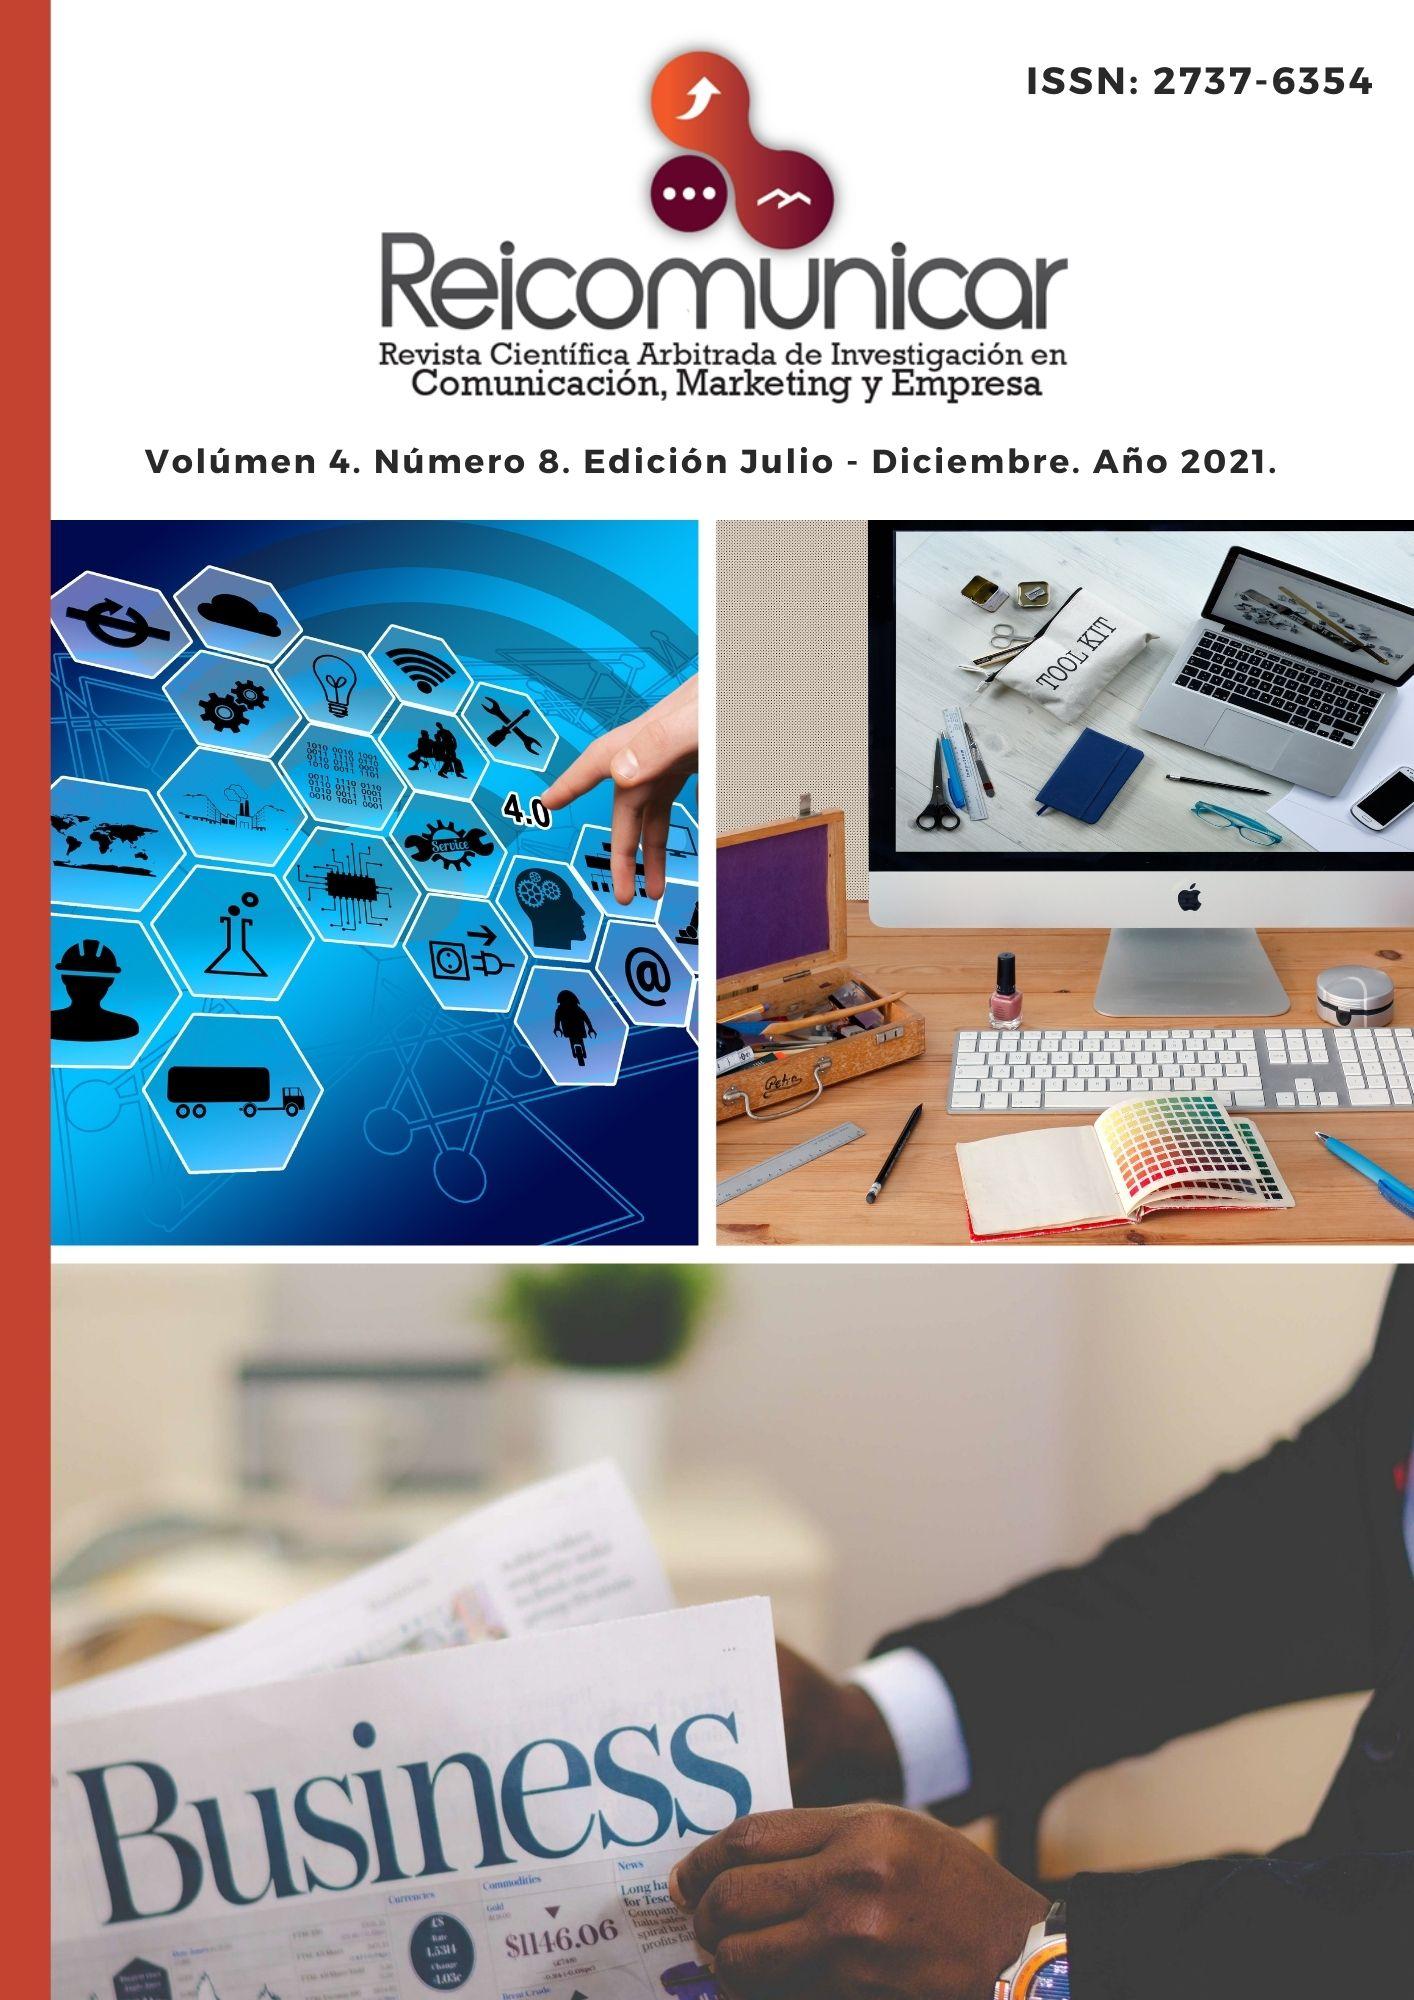 Ver Vol. 4 Núm. 8 (2021): Revista Científica Arbitrada de Investigación en Comunicación, Marketing y Empresa REICOMUNICAR.